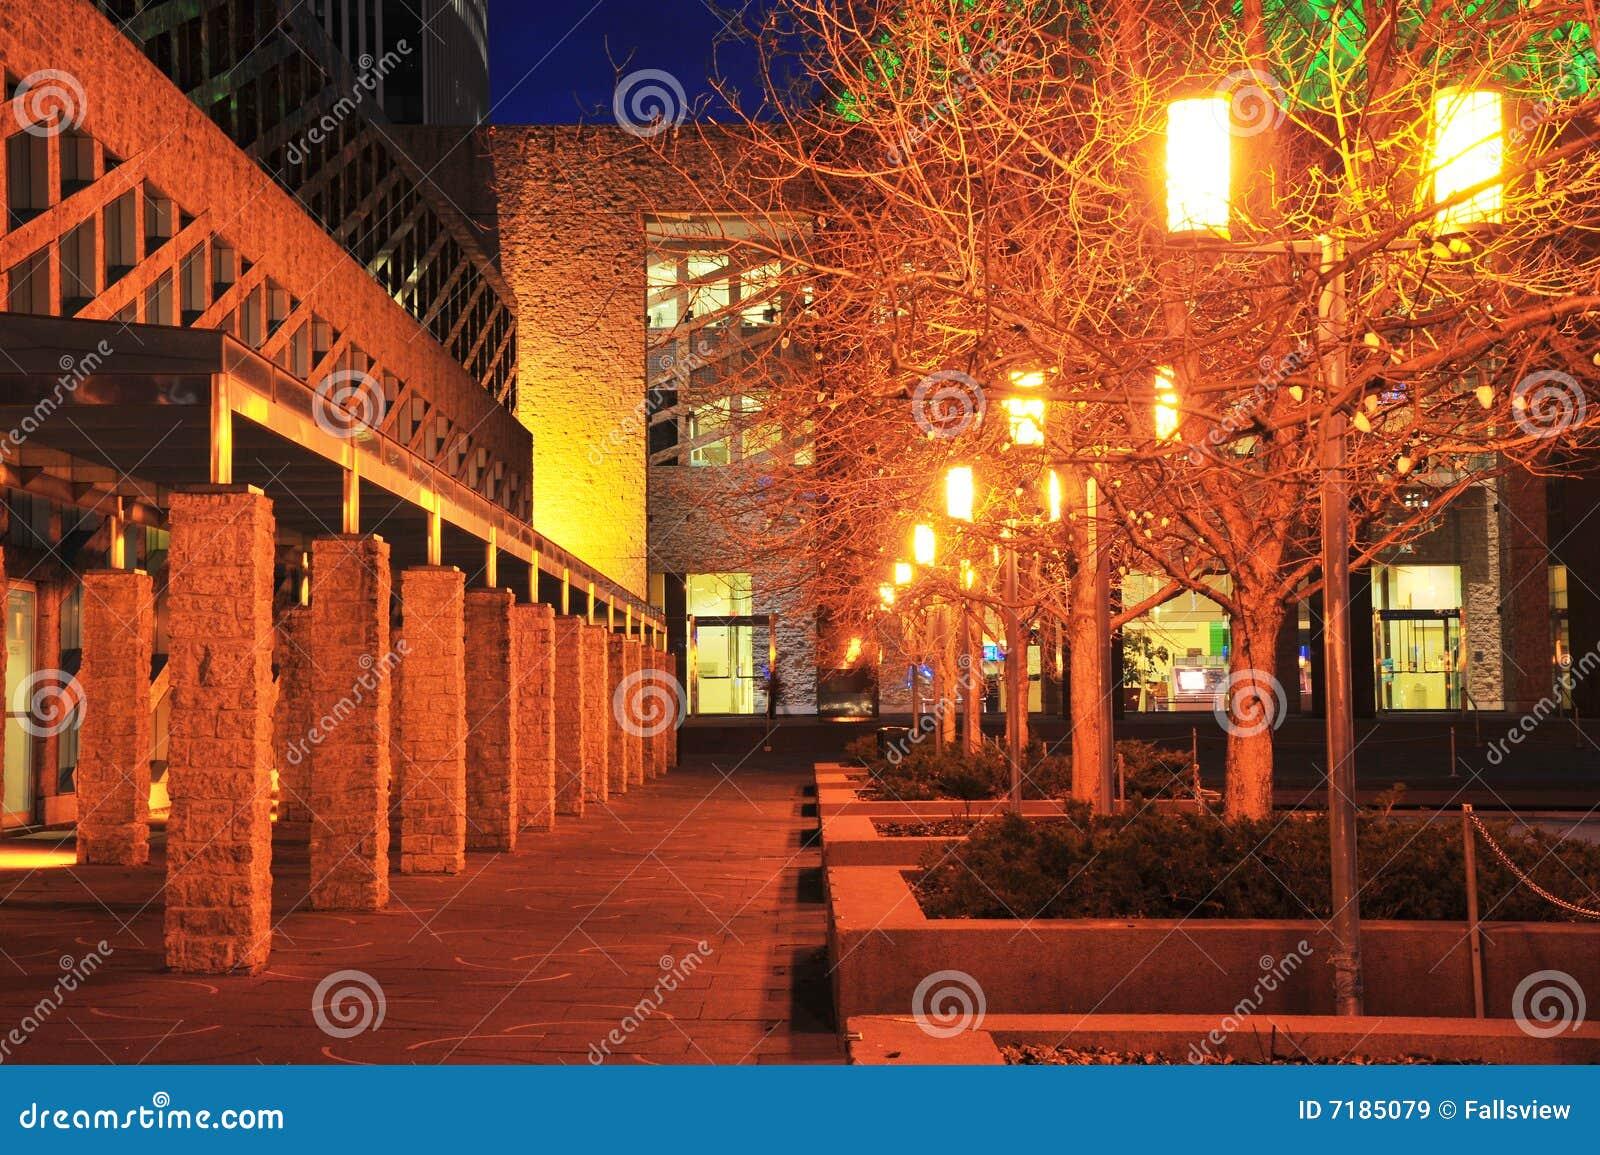 City hall night scene